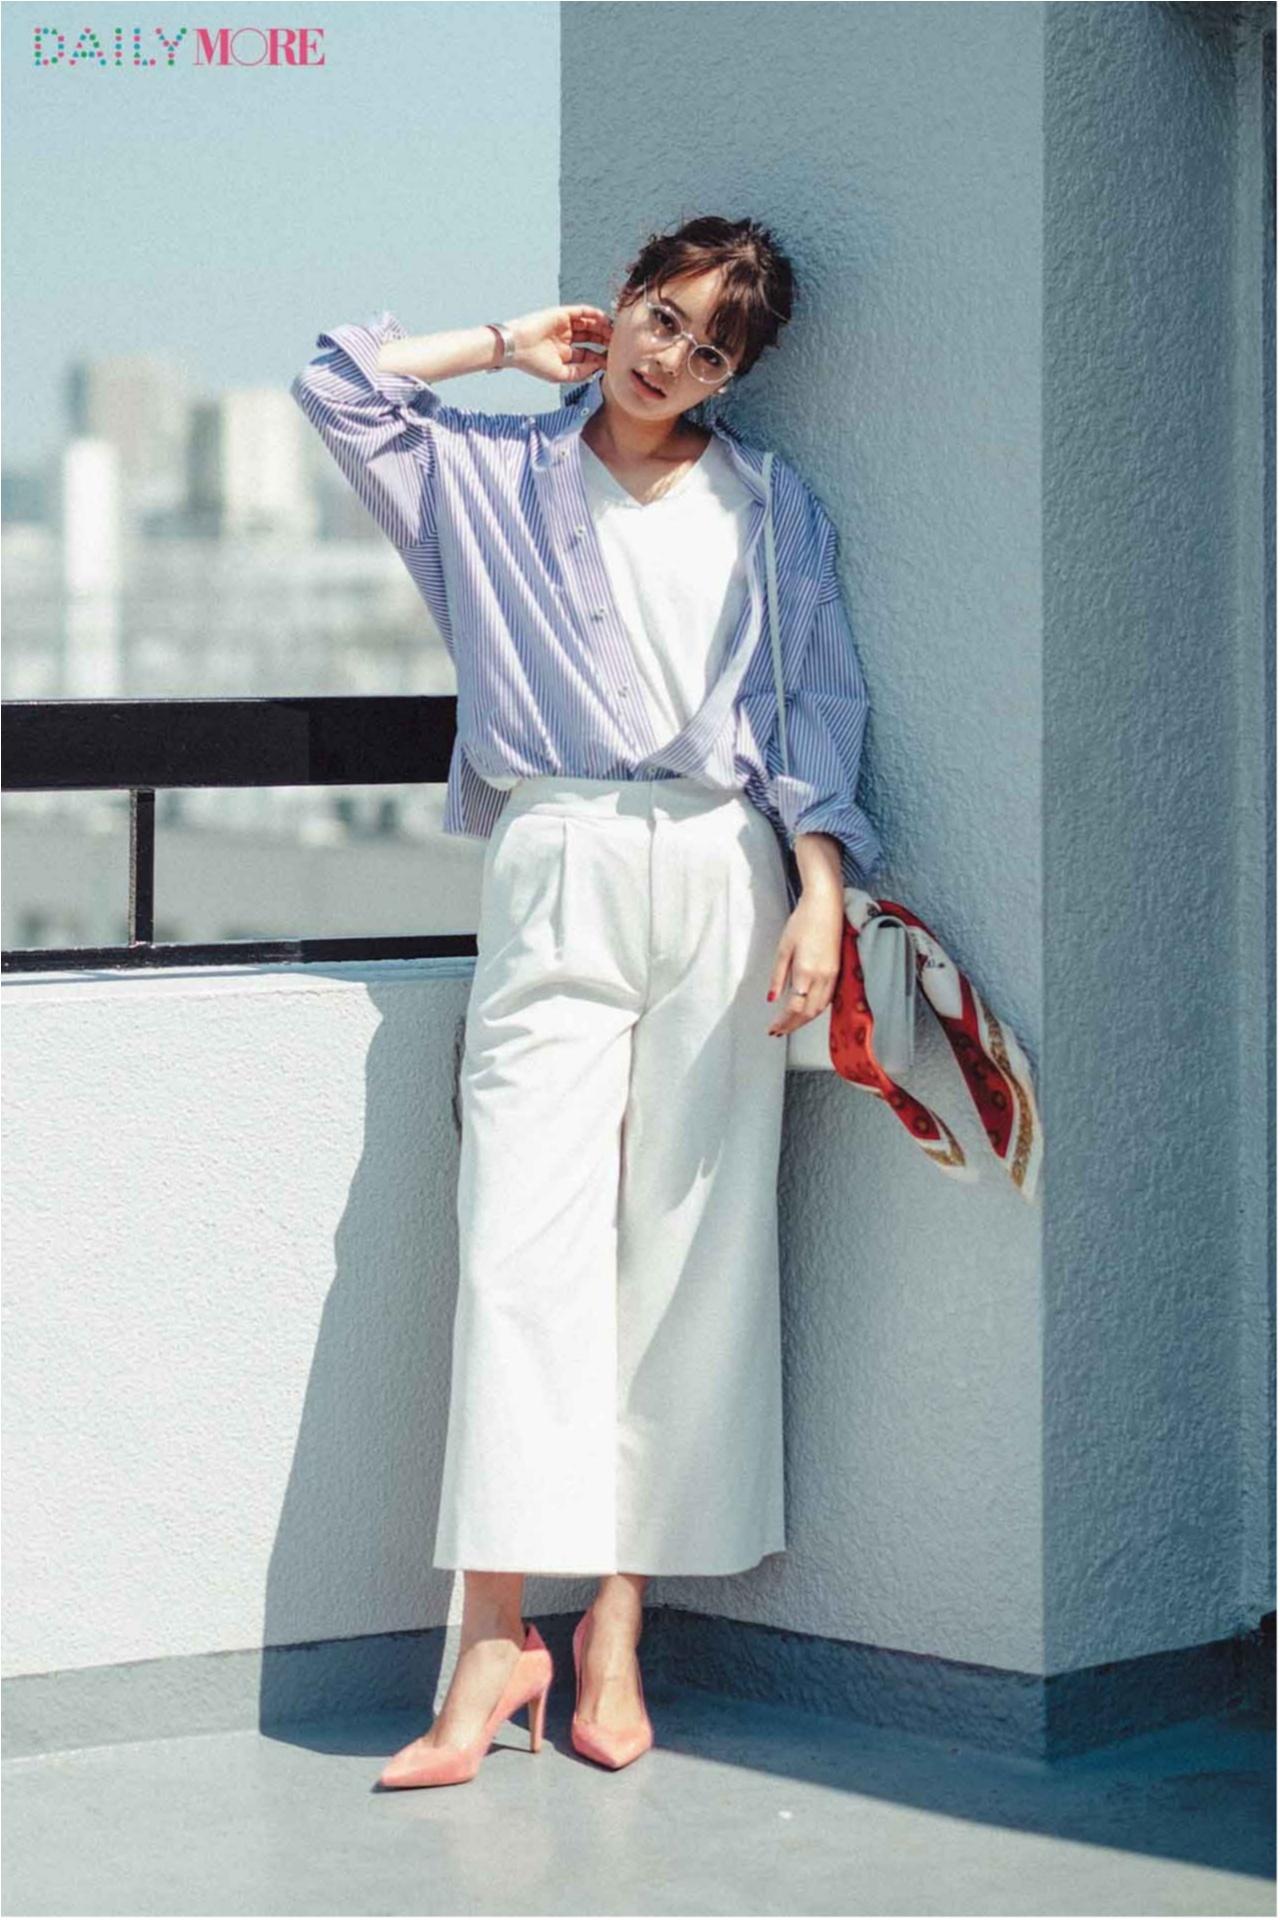 『ユニクロ』『GU』『しまむら』の白Tシャツ&内田理央のランジェリー人気が止まらない♡ 今週のファッション人気ランキングトップ3!_1_3